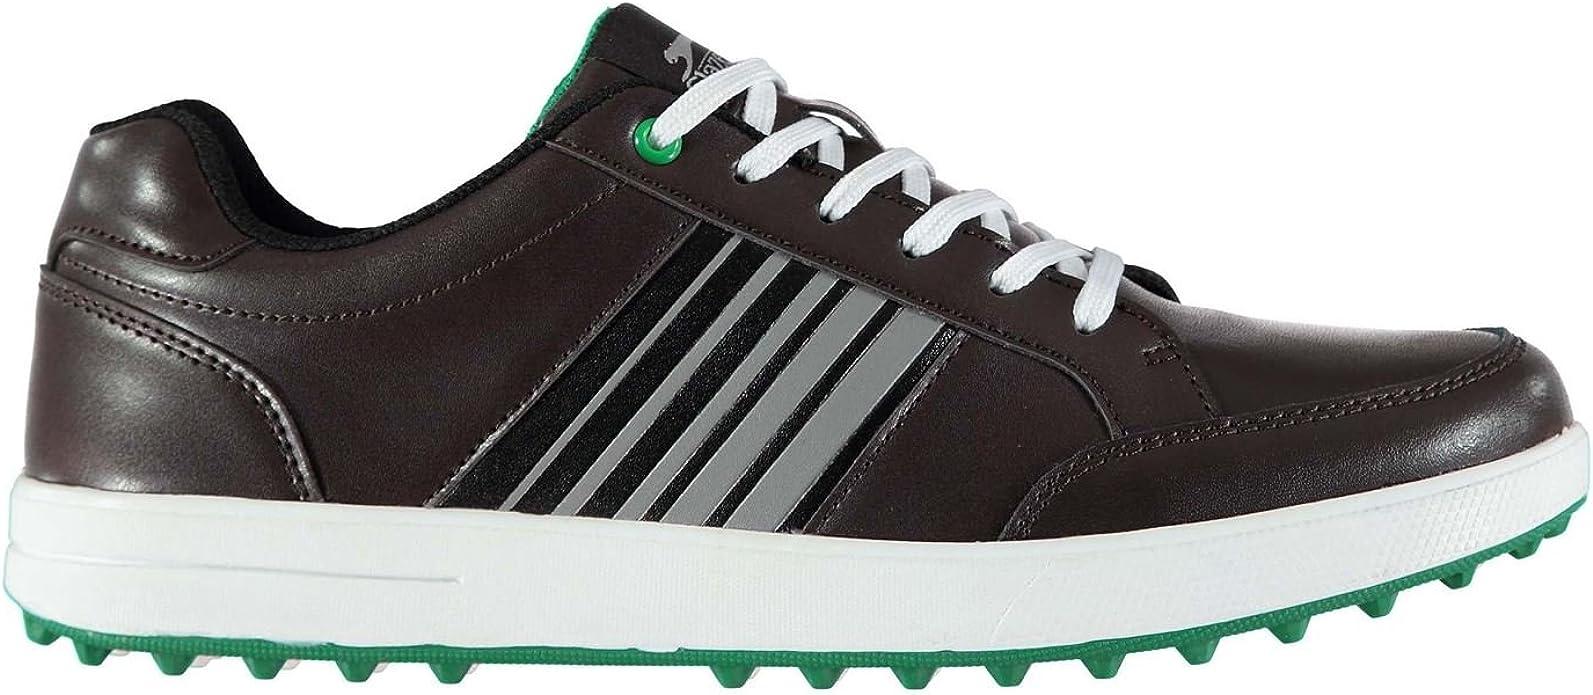 Slazenger Hombre Casual Golf Shoes: Amazon.es: Zapatos y complementos